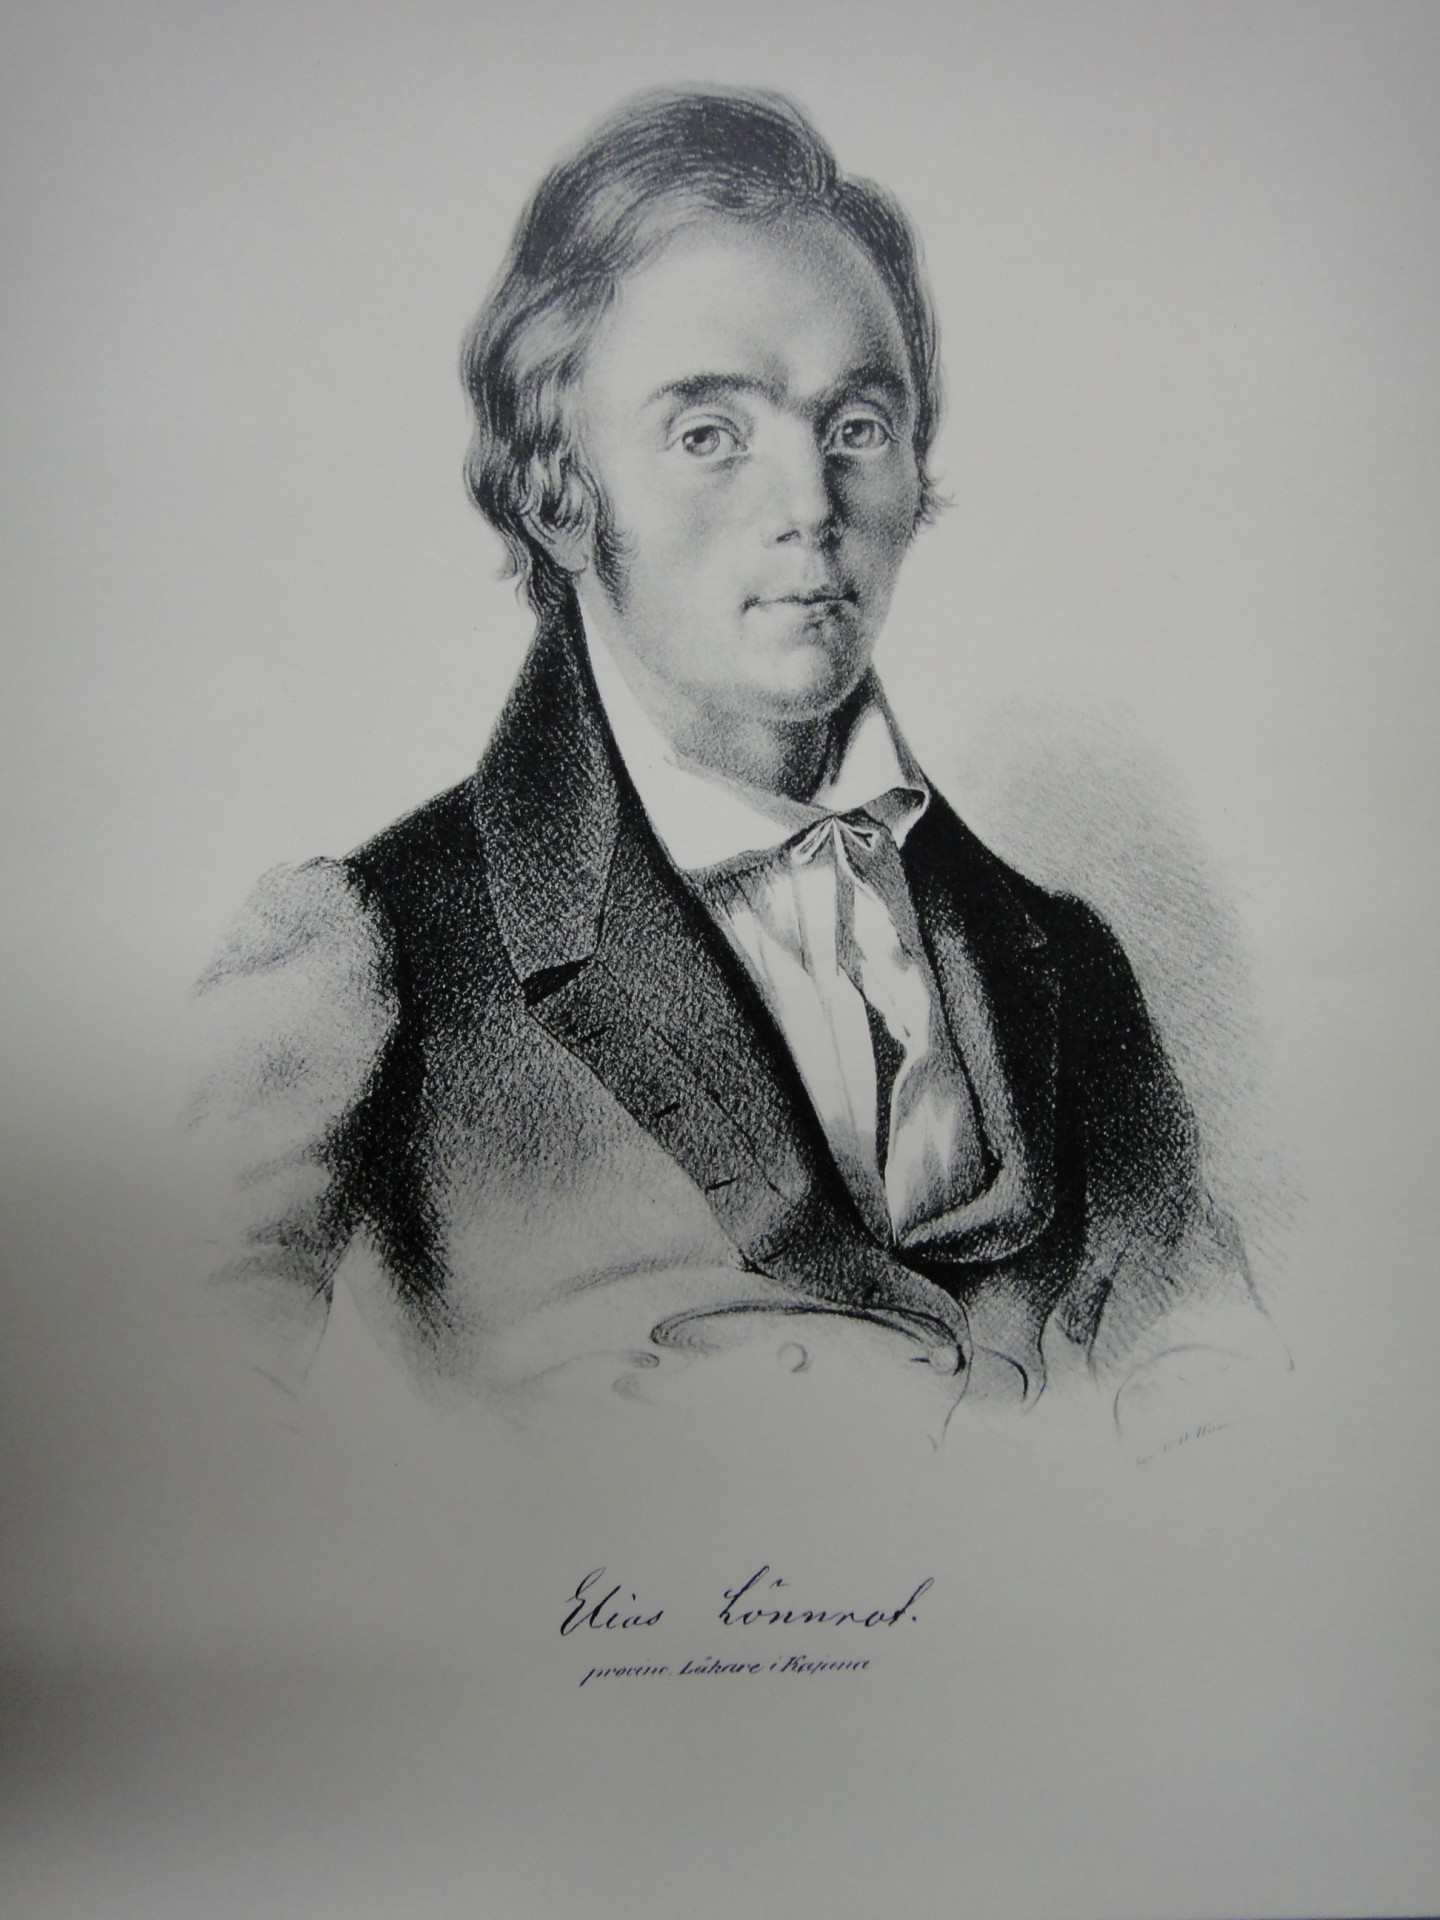 Kajaanin piirilääkäri Elias Lönnrot 1841. Kuva: Johan Knutsson